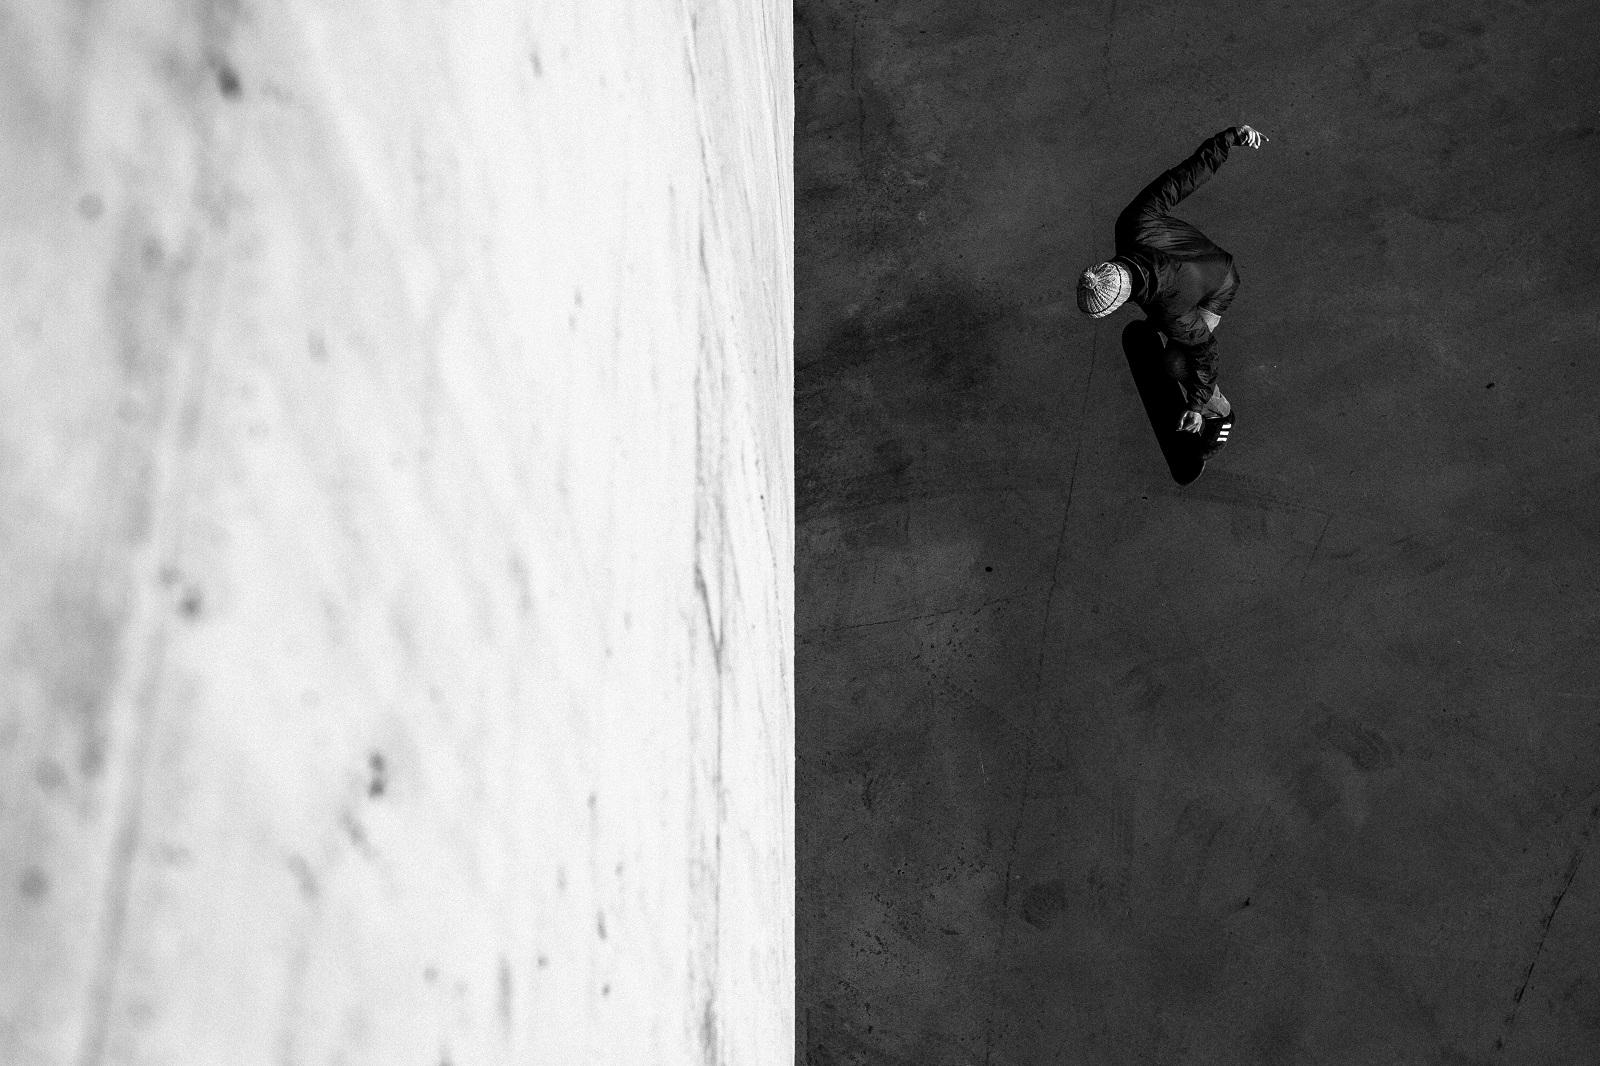 Luke Paige – Skatehitecture